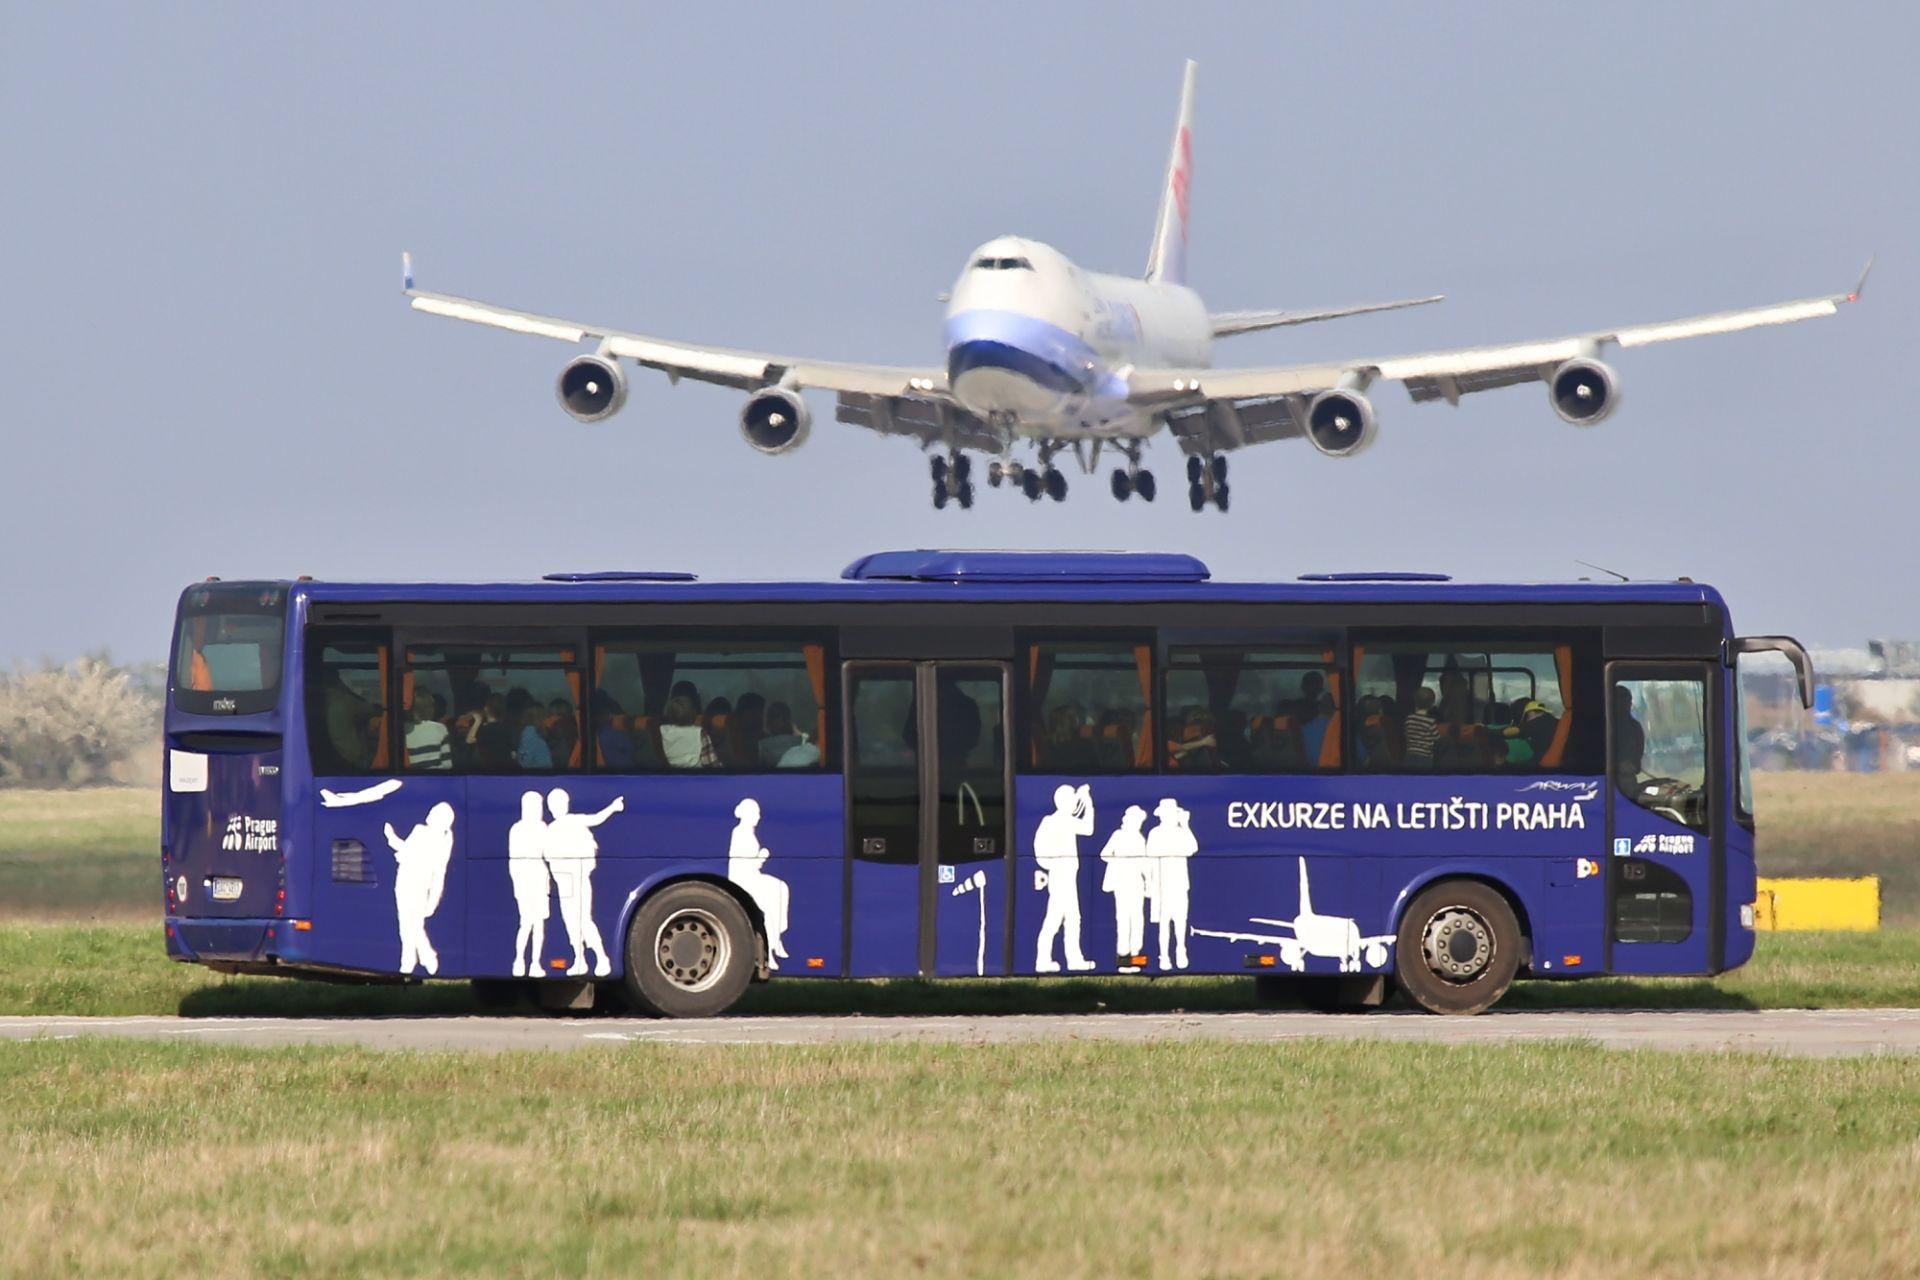 Exkurze na Letišti Praha. Foto: Letiště Praha